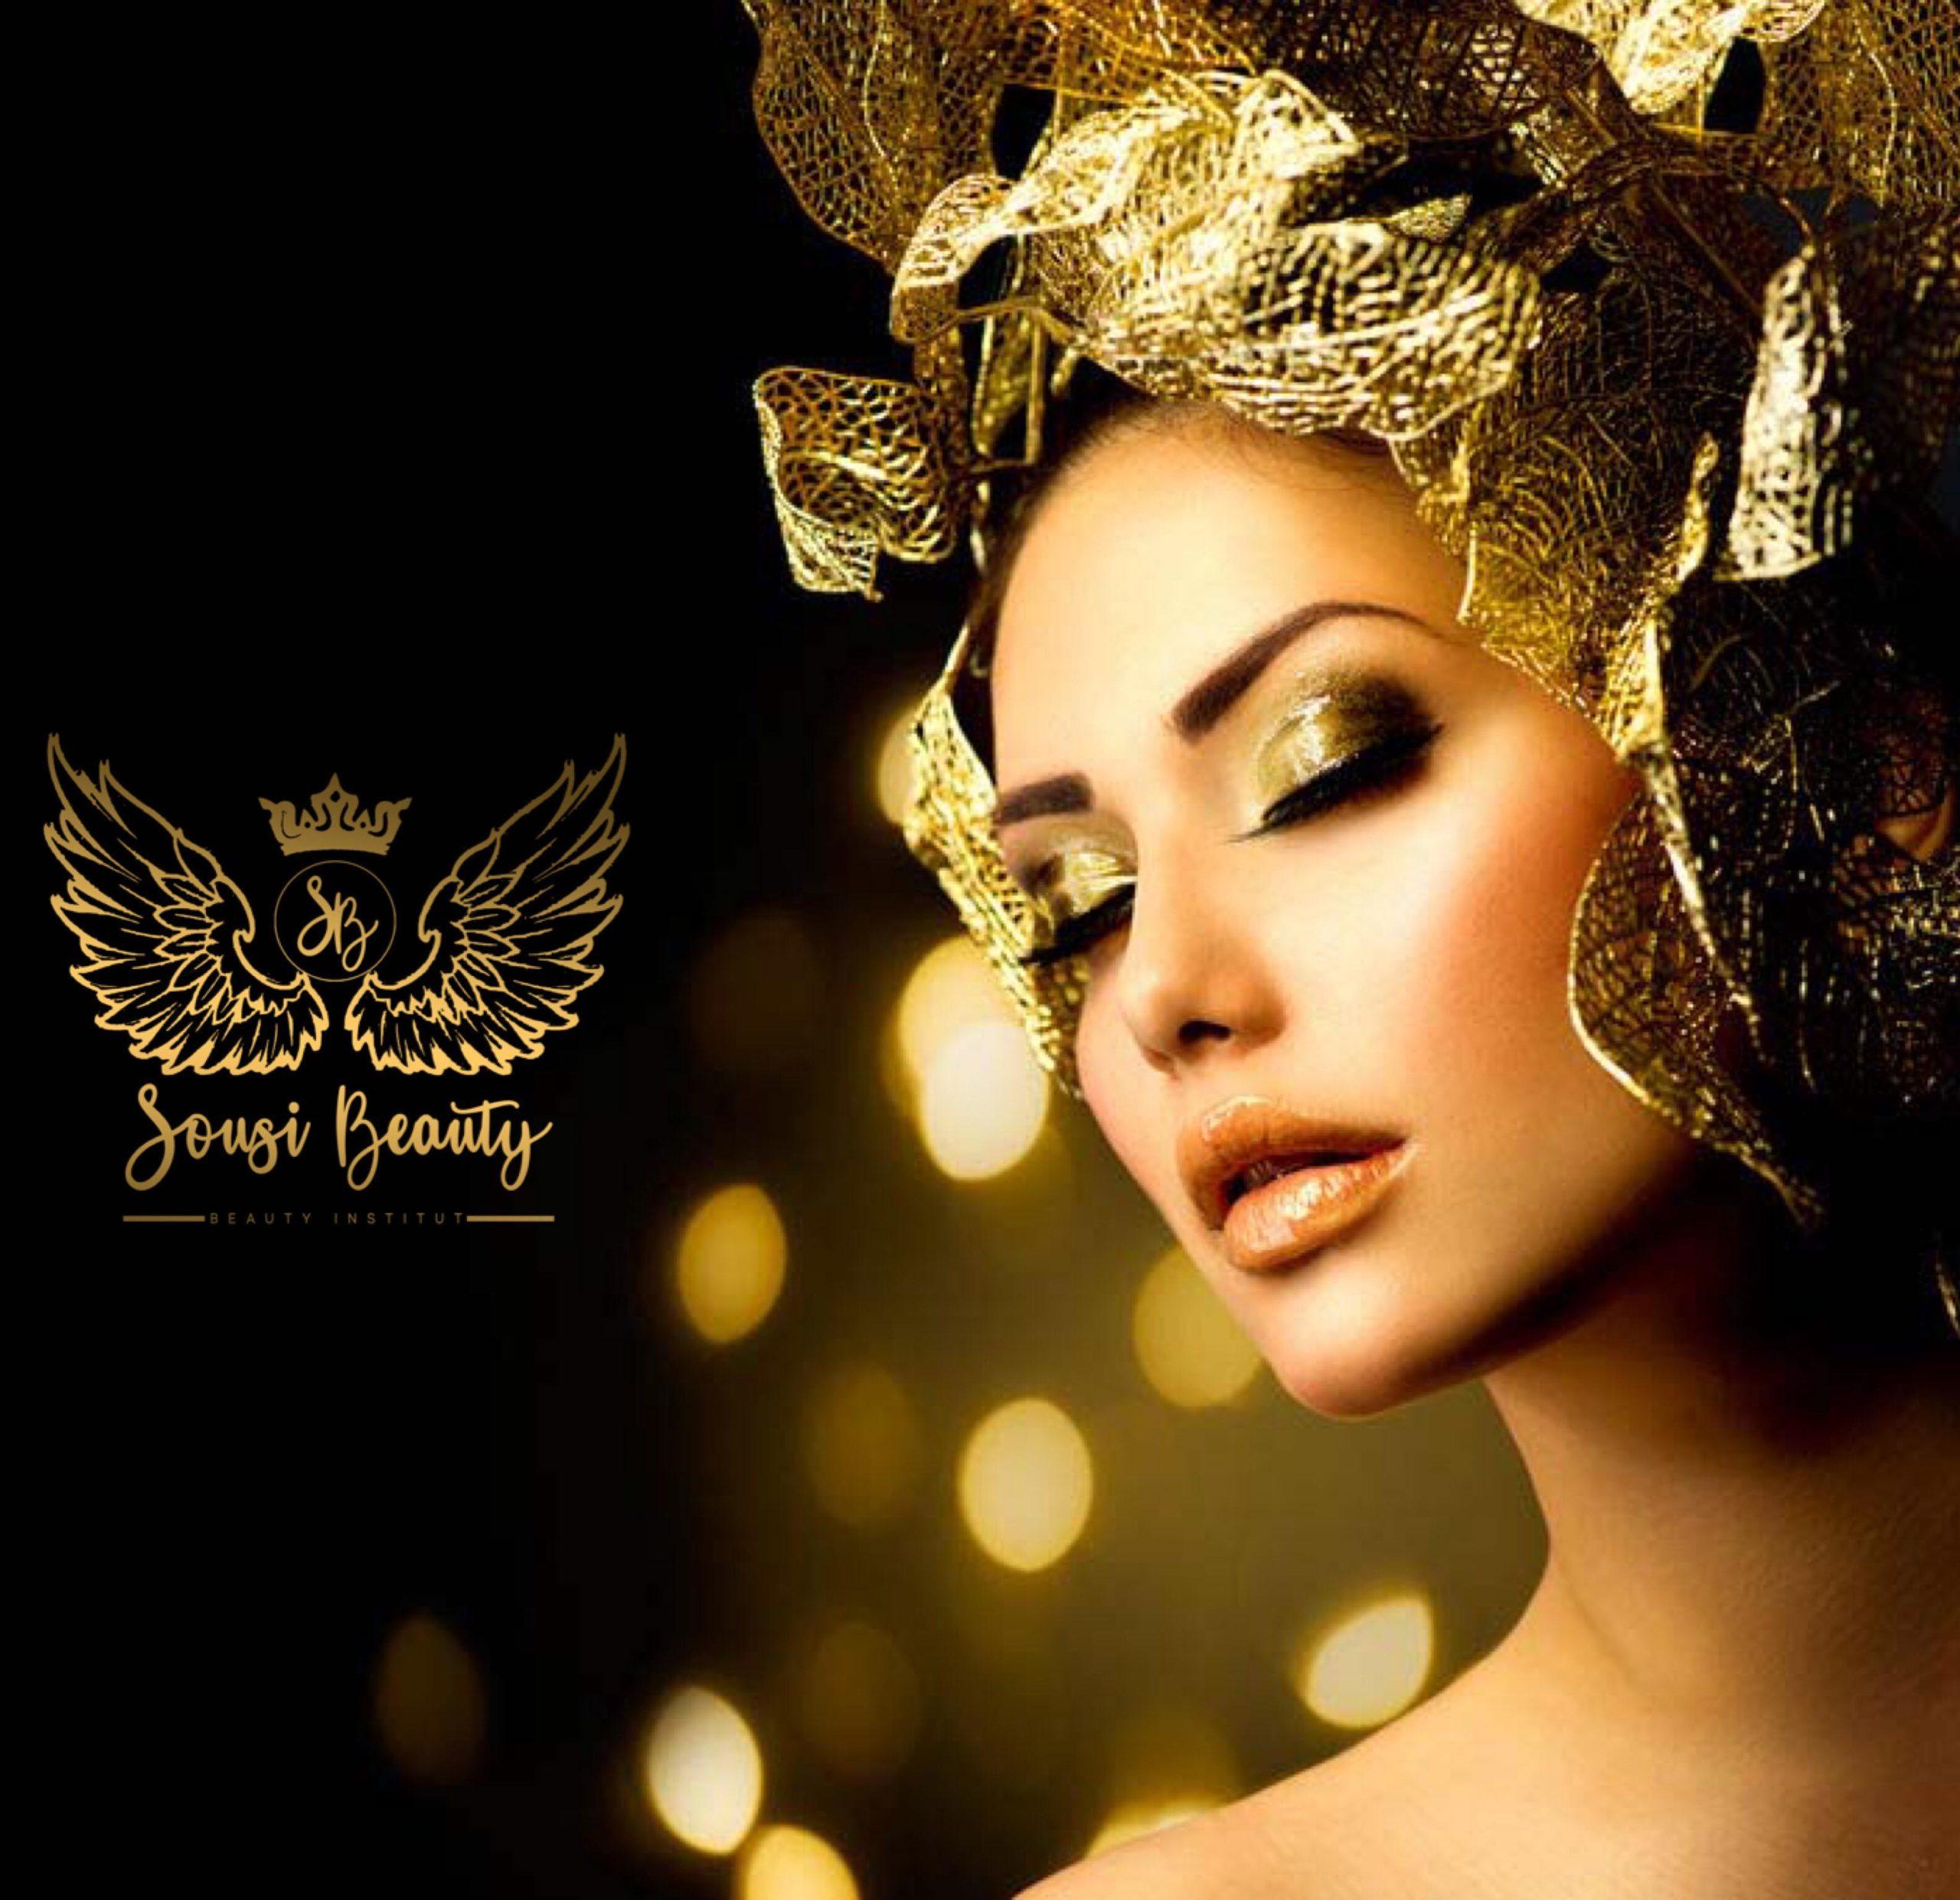 Sousi Beauty